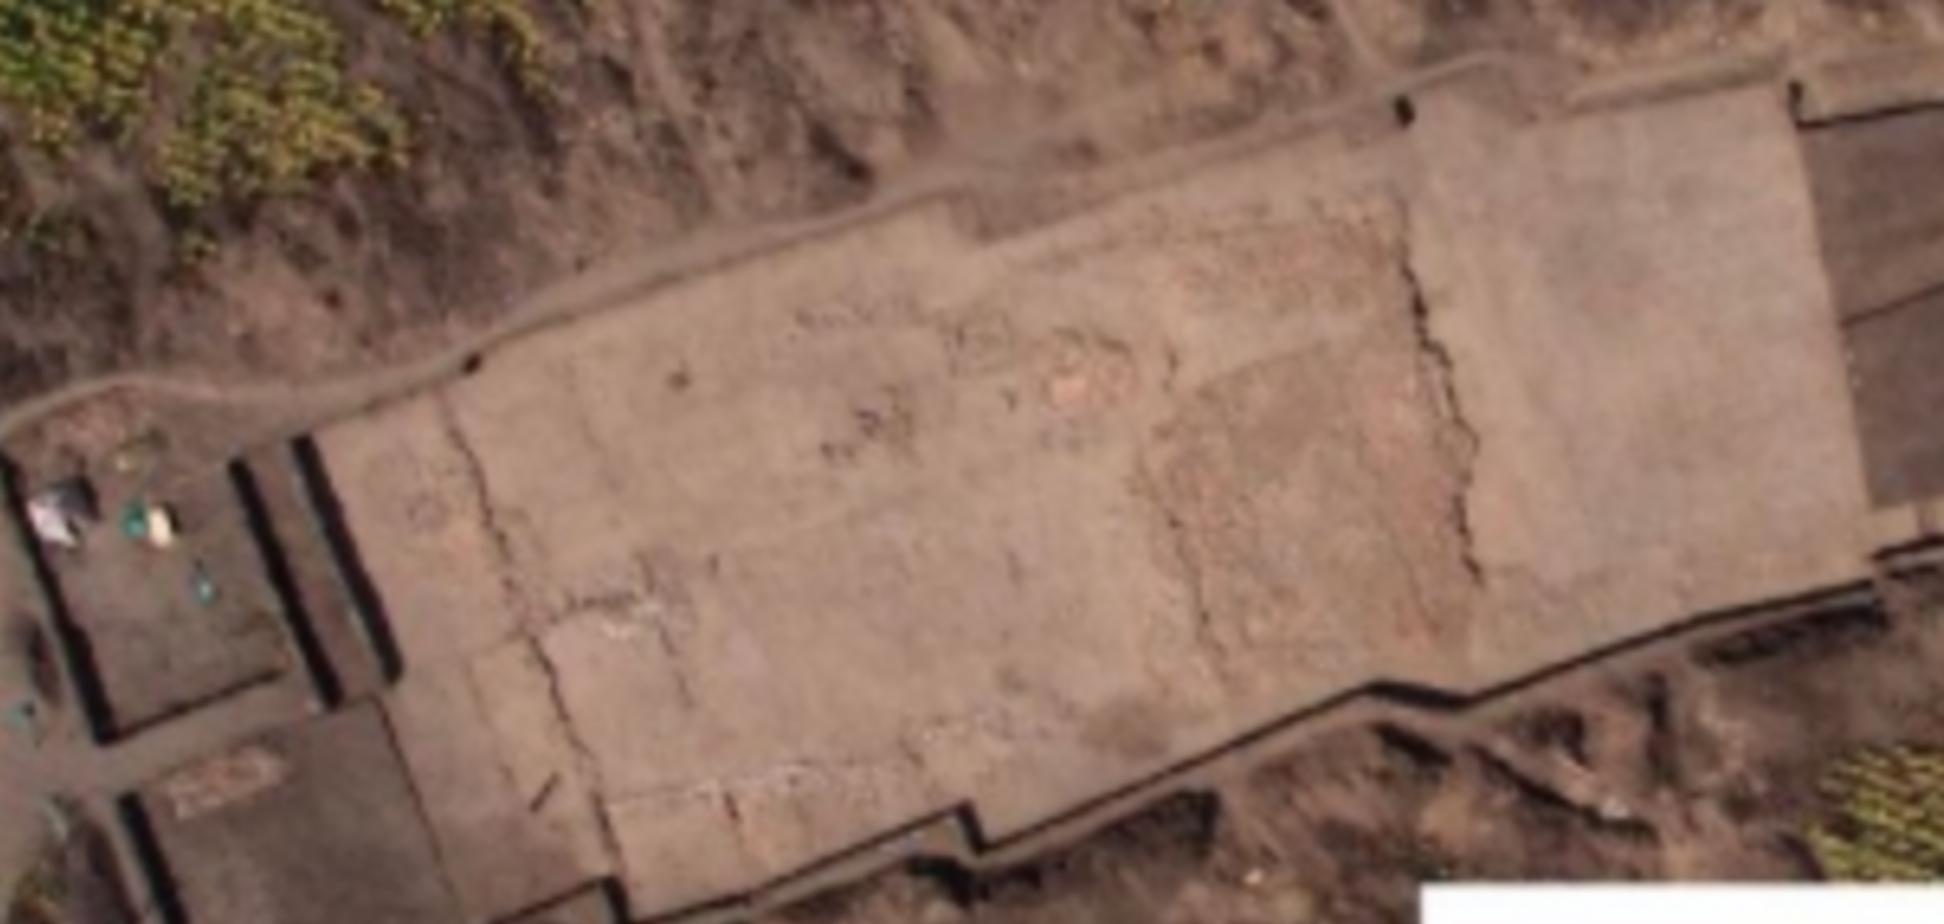 На Кировоградщине нашли руины храма возрастом 6 тысяч лет